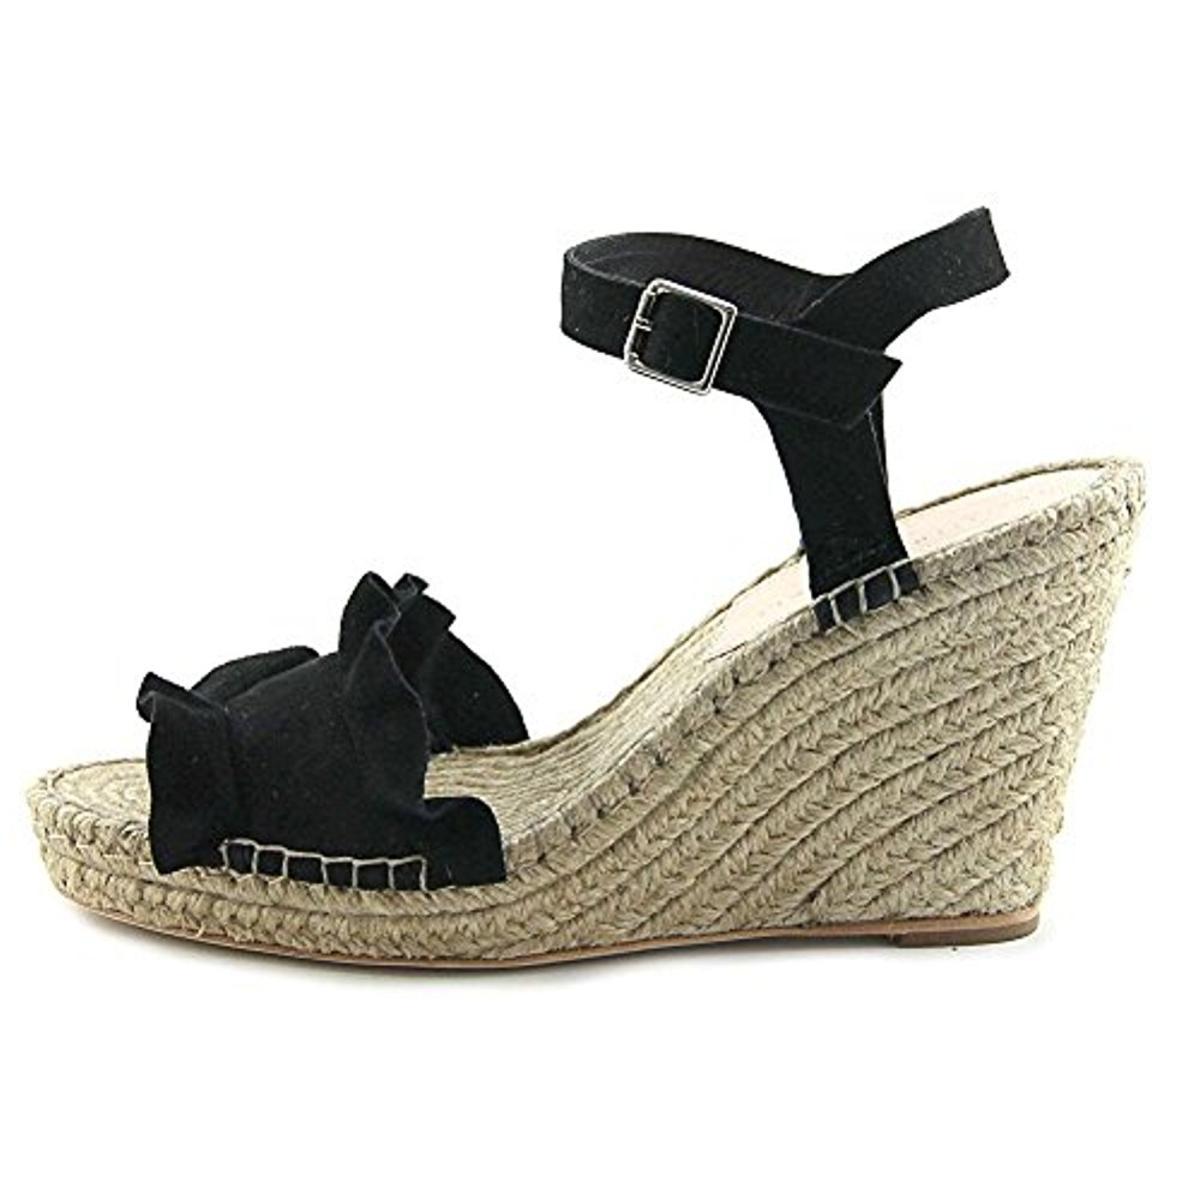 Loeffler Randall Damenschuhe Gabby Ruffles Open Toe Espadrilles Schuhes BHFO 9393